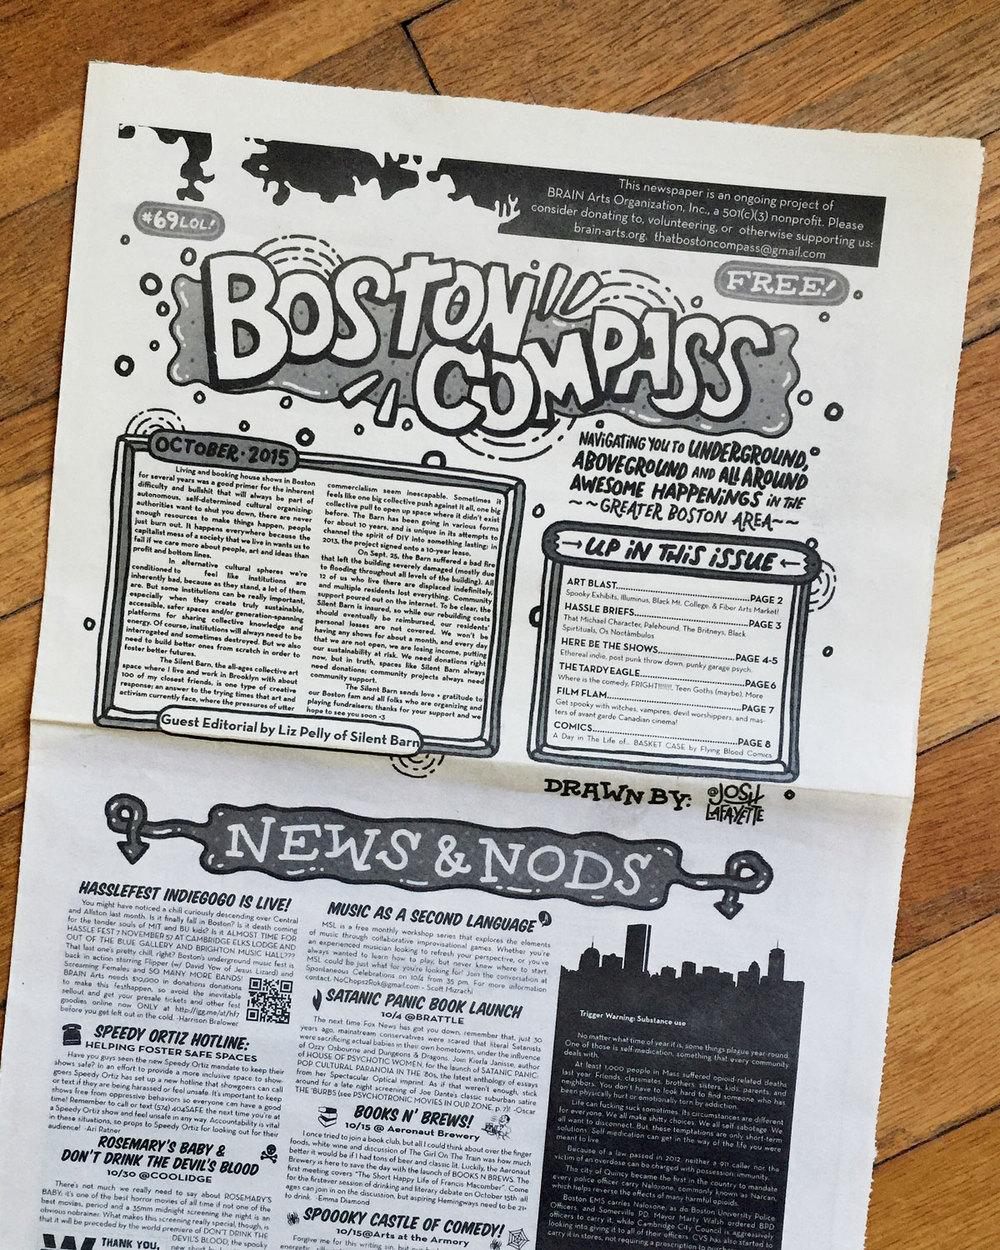 BostonCompass-Photo.jpg